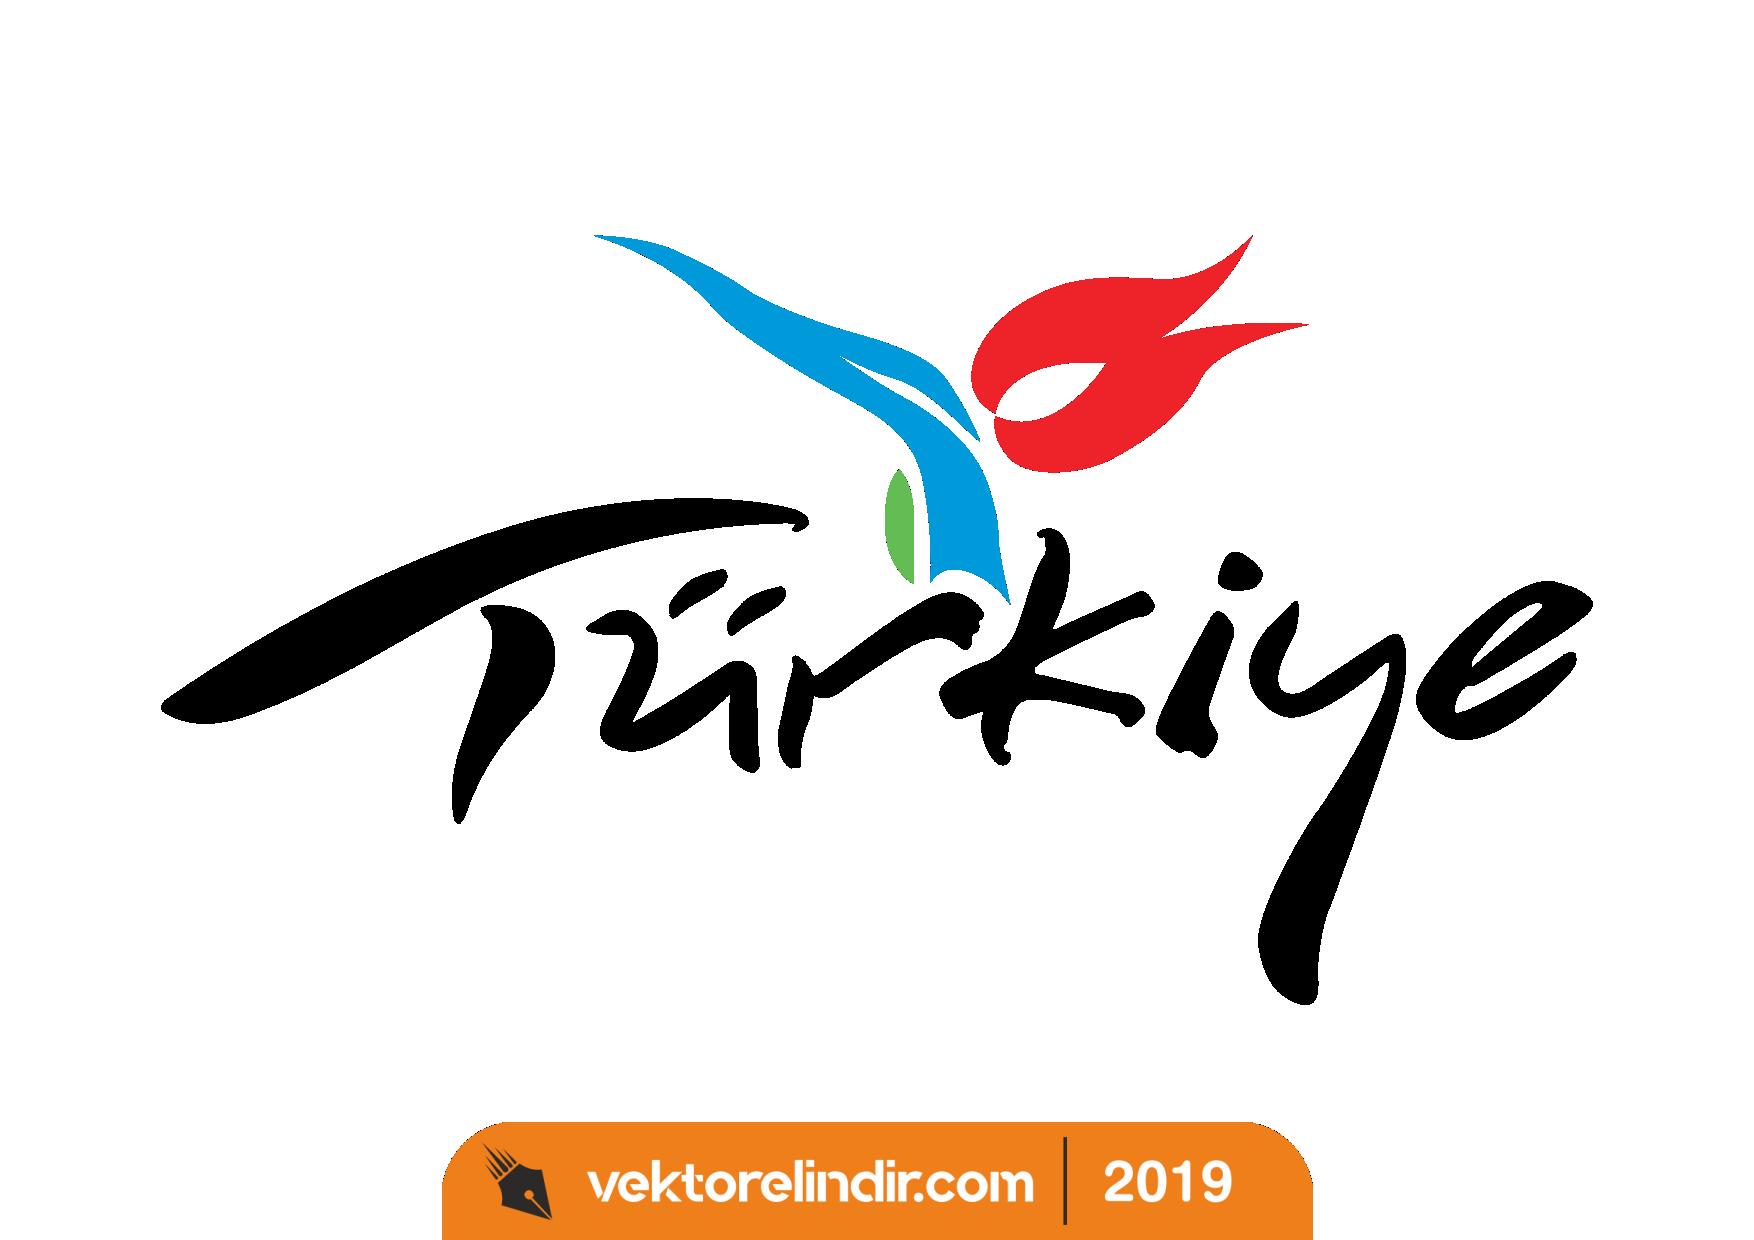 Türkiye Logo, Amblem, Yeni, Turkey